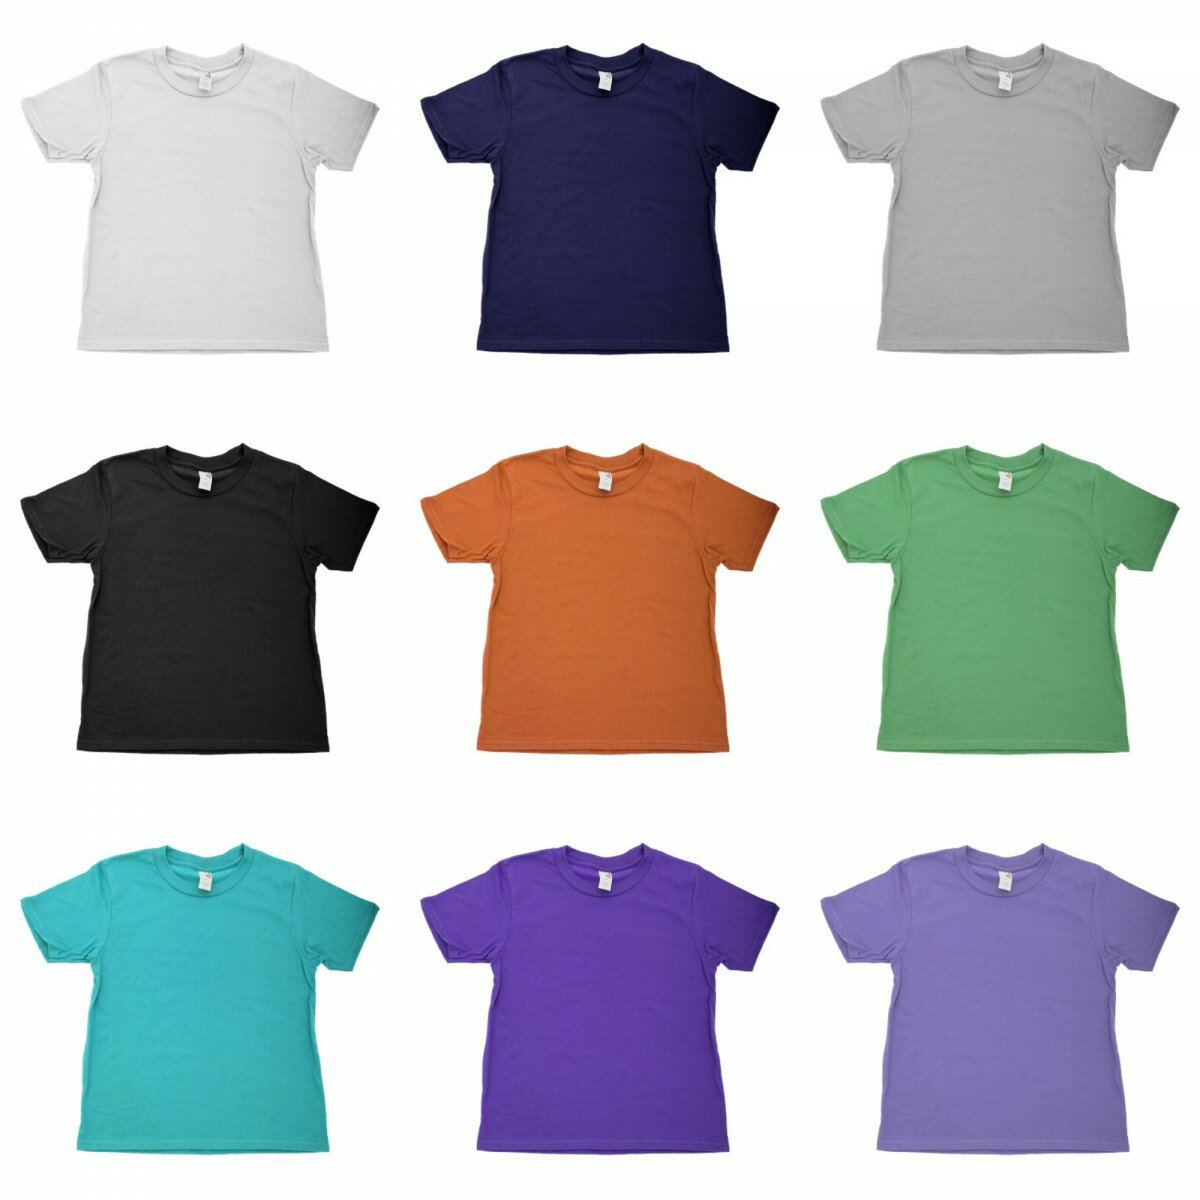 (アンヴィル) Anvil キッズ・ジュニア・子供用 ファッションTシャツ 半袖Tシャツ 【楽天海外直送】